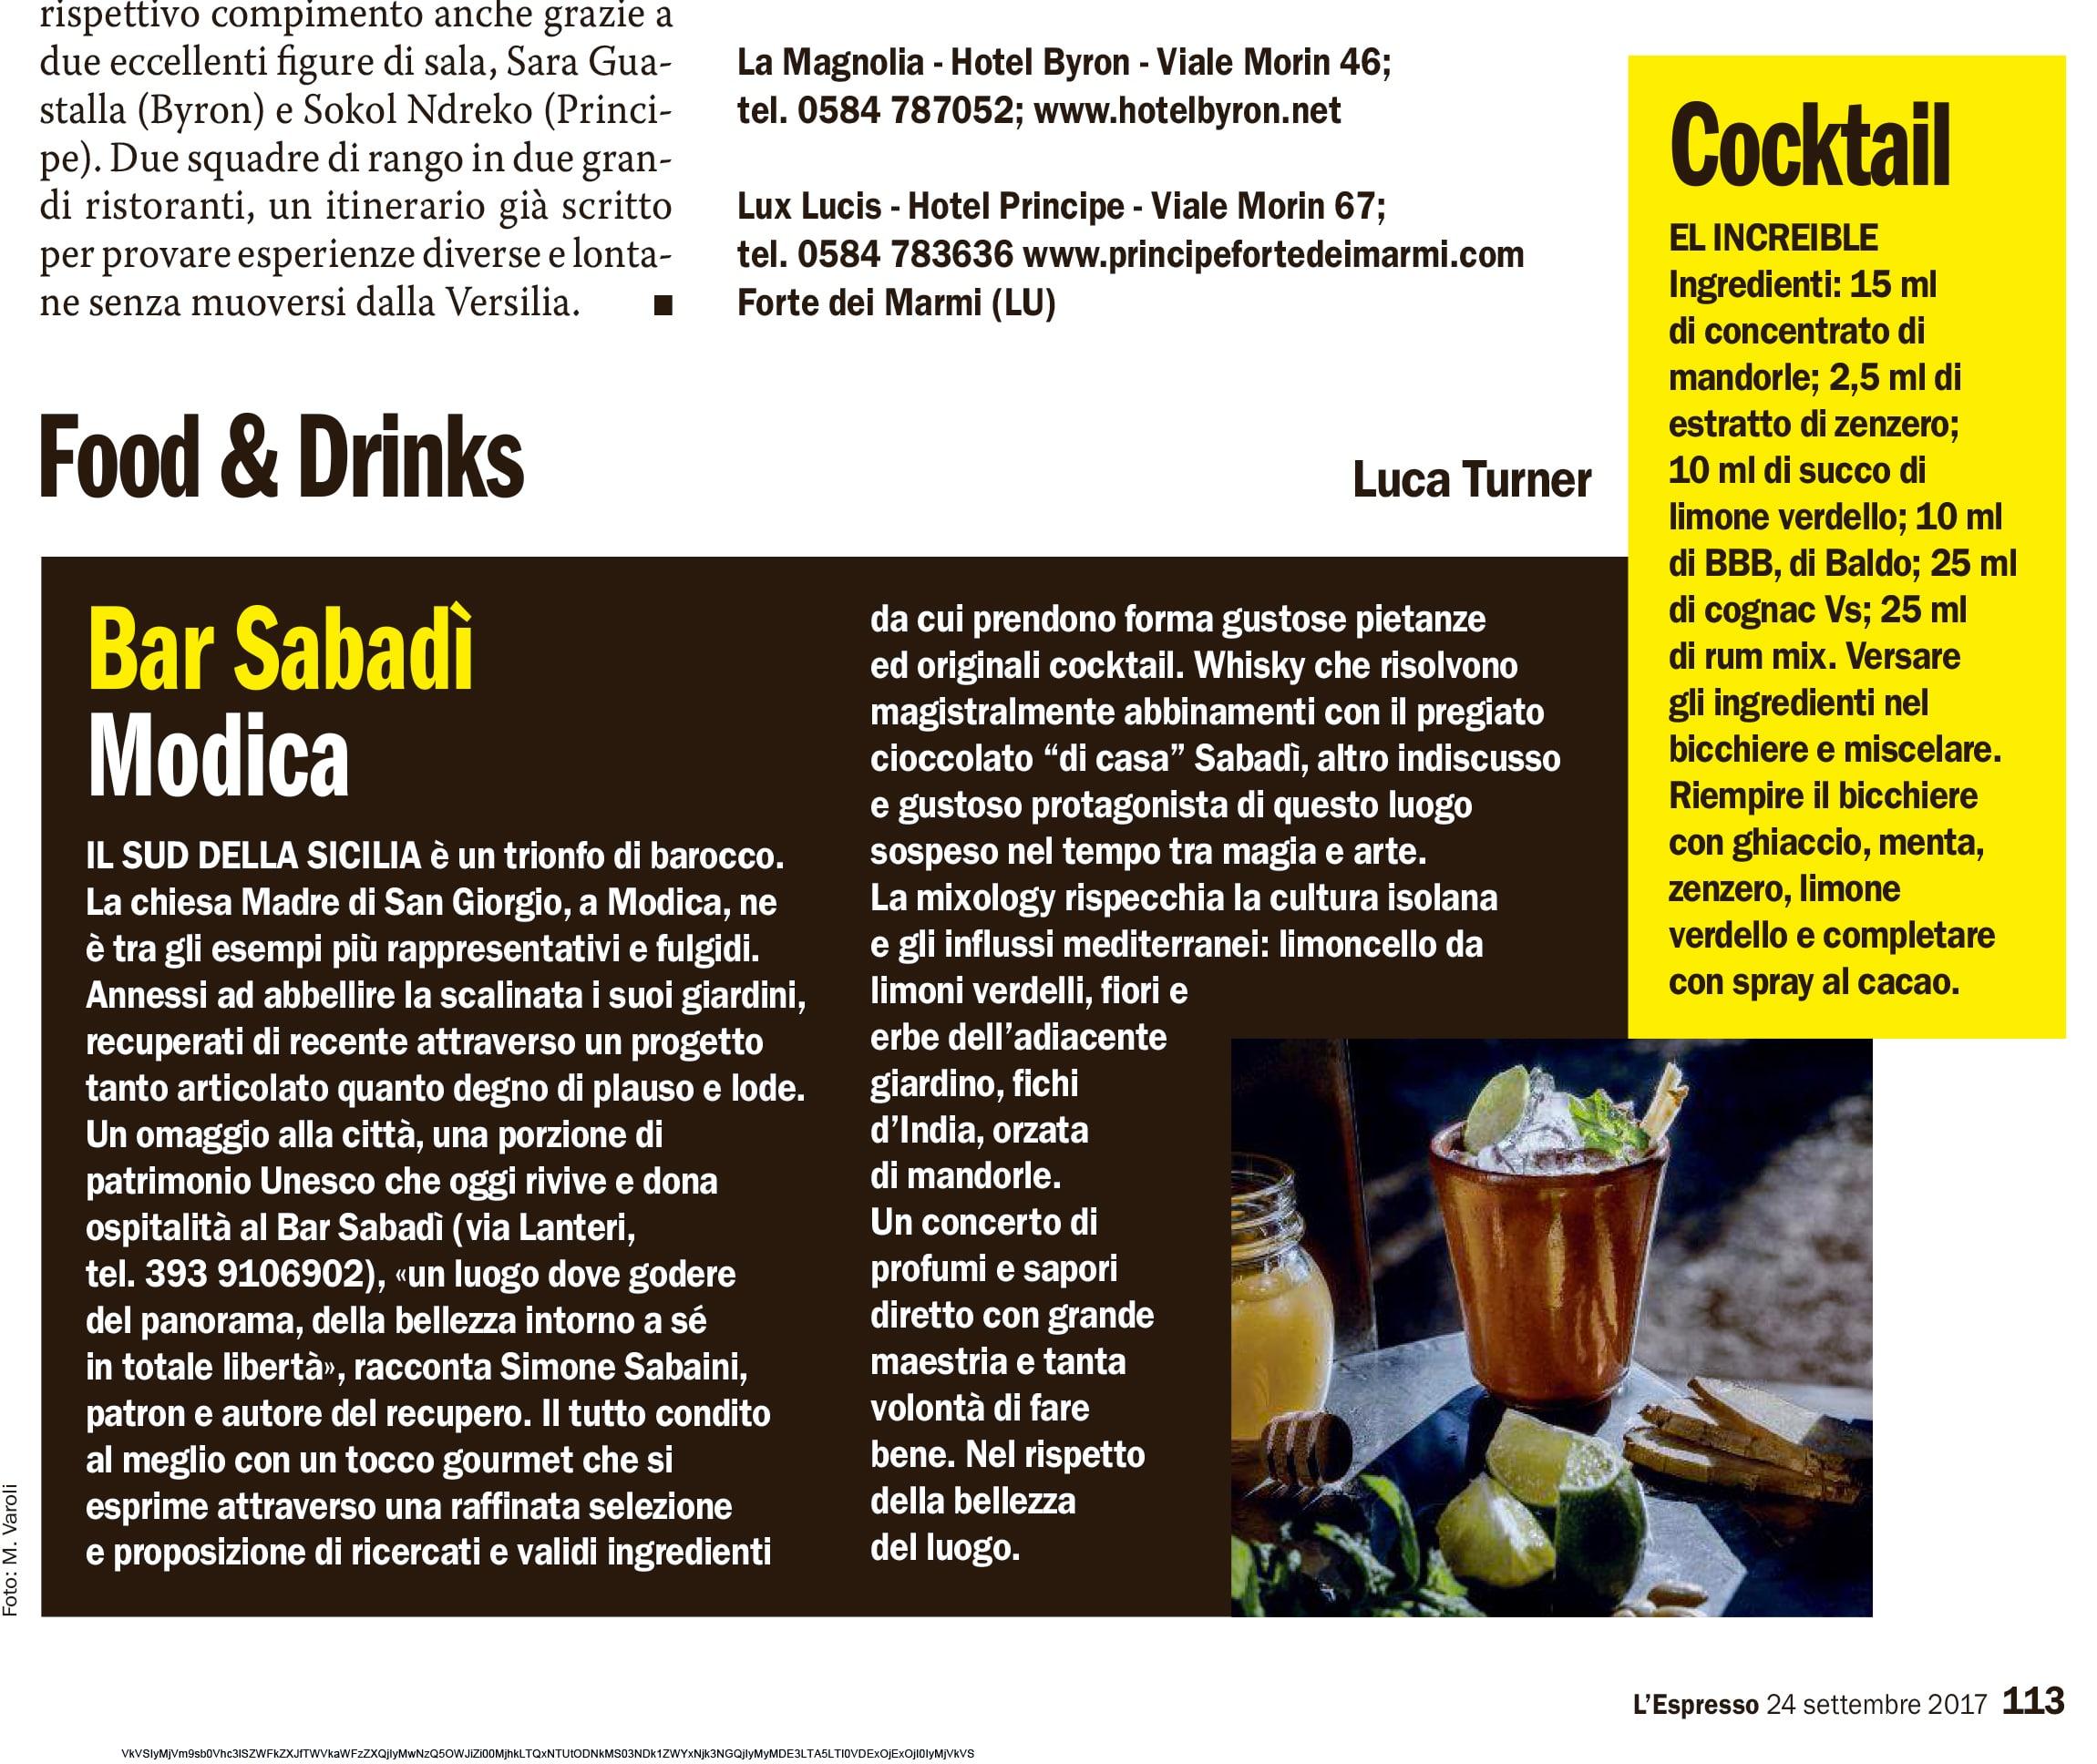 Bar Sabadì - Modica